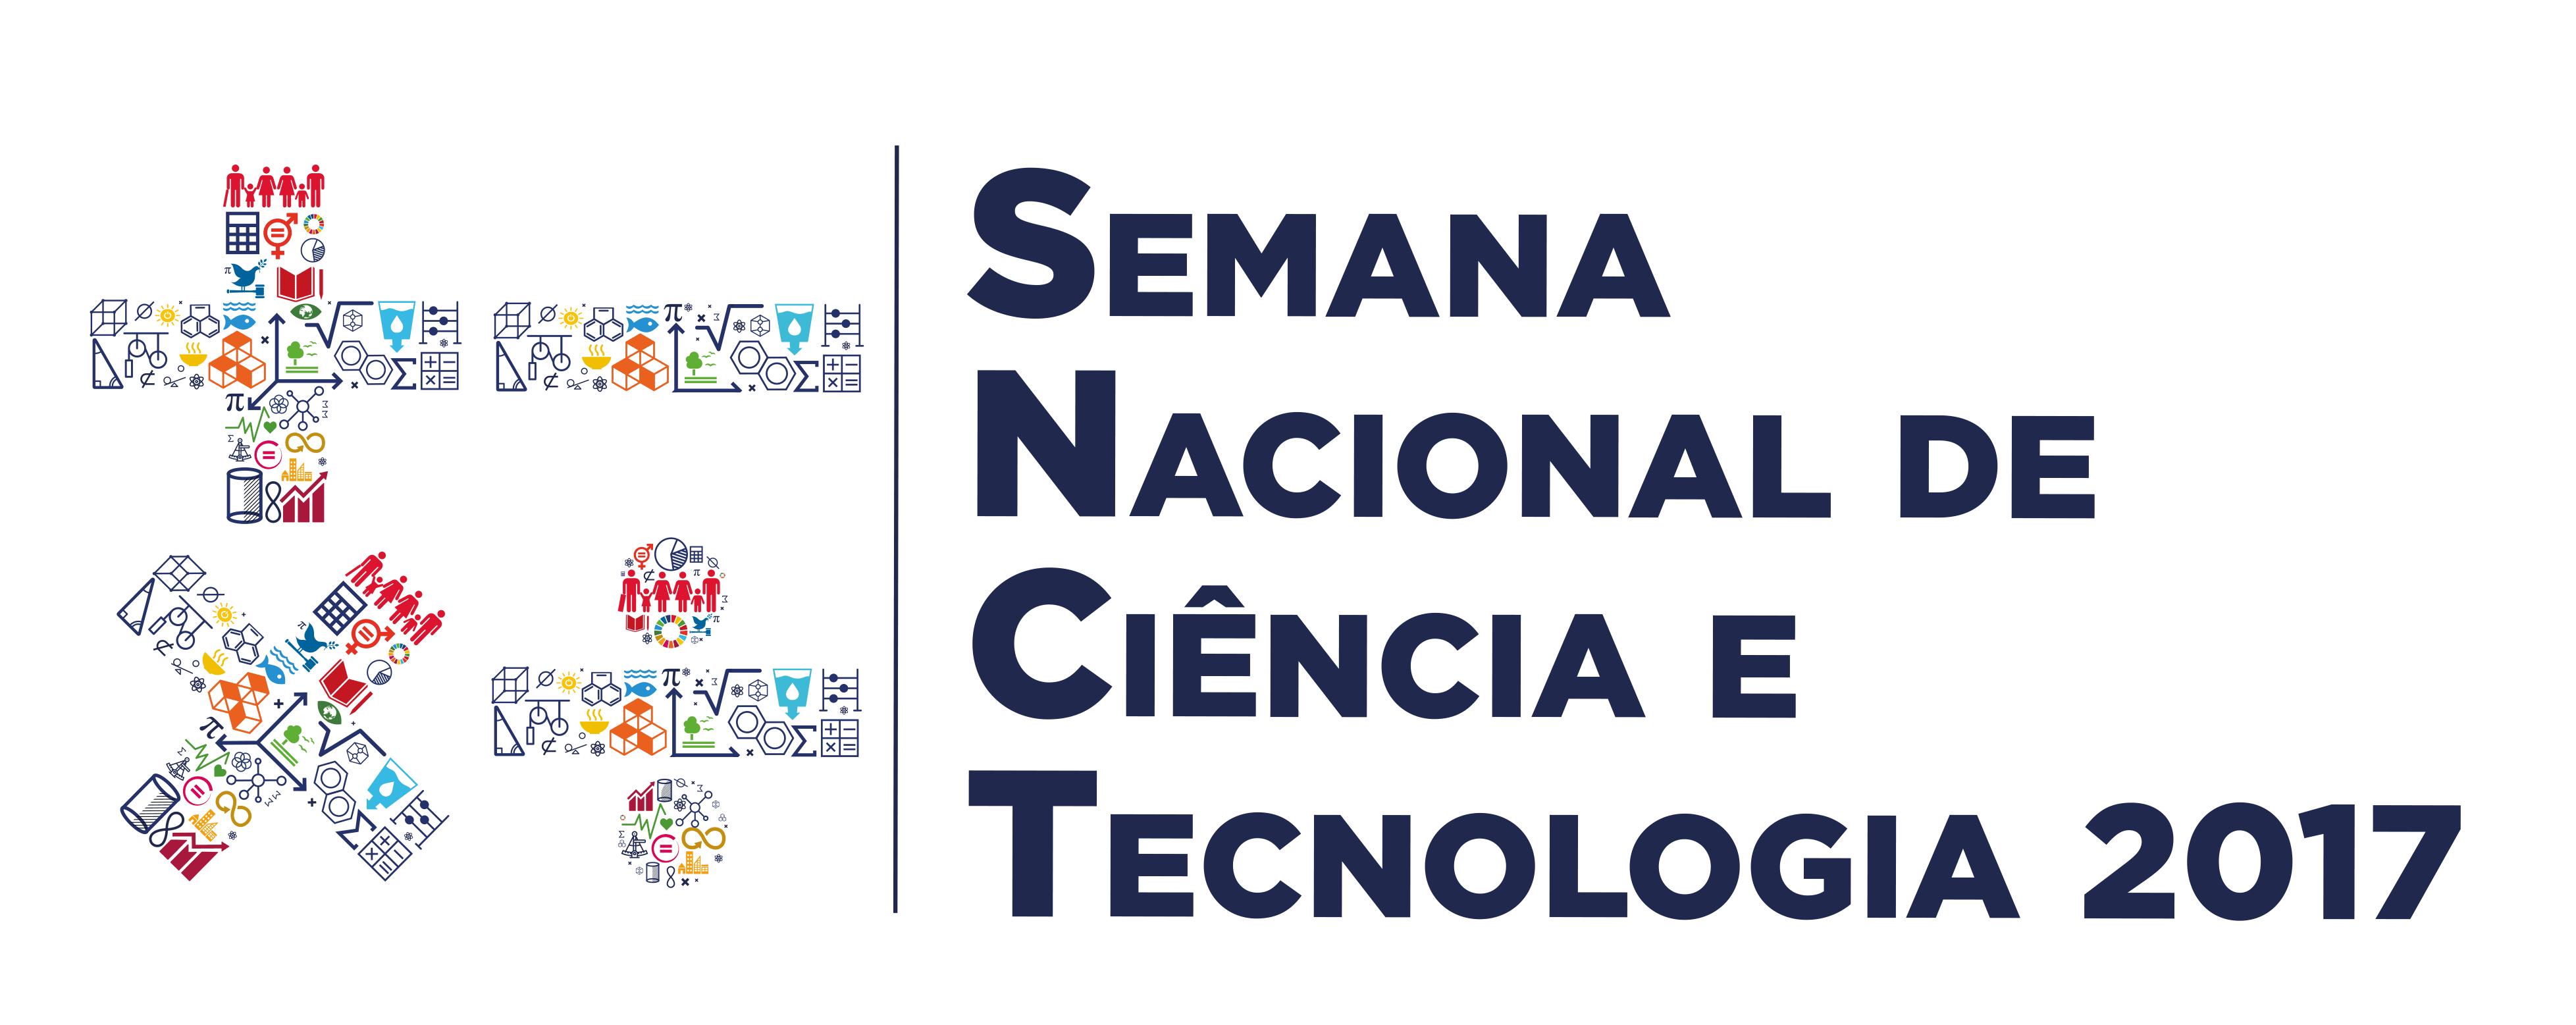 logos-snct.png (153 KB)